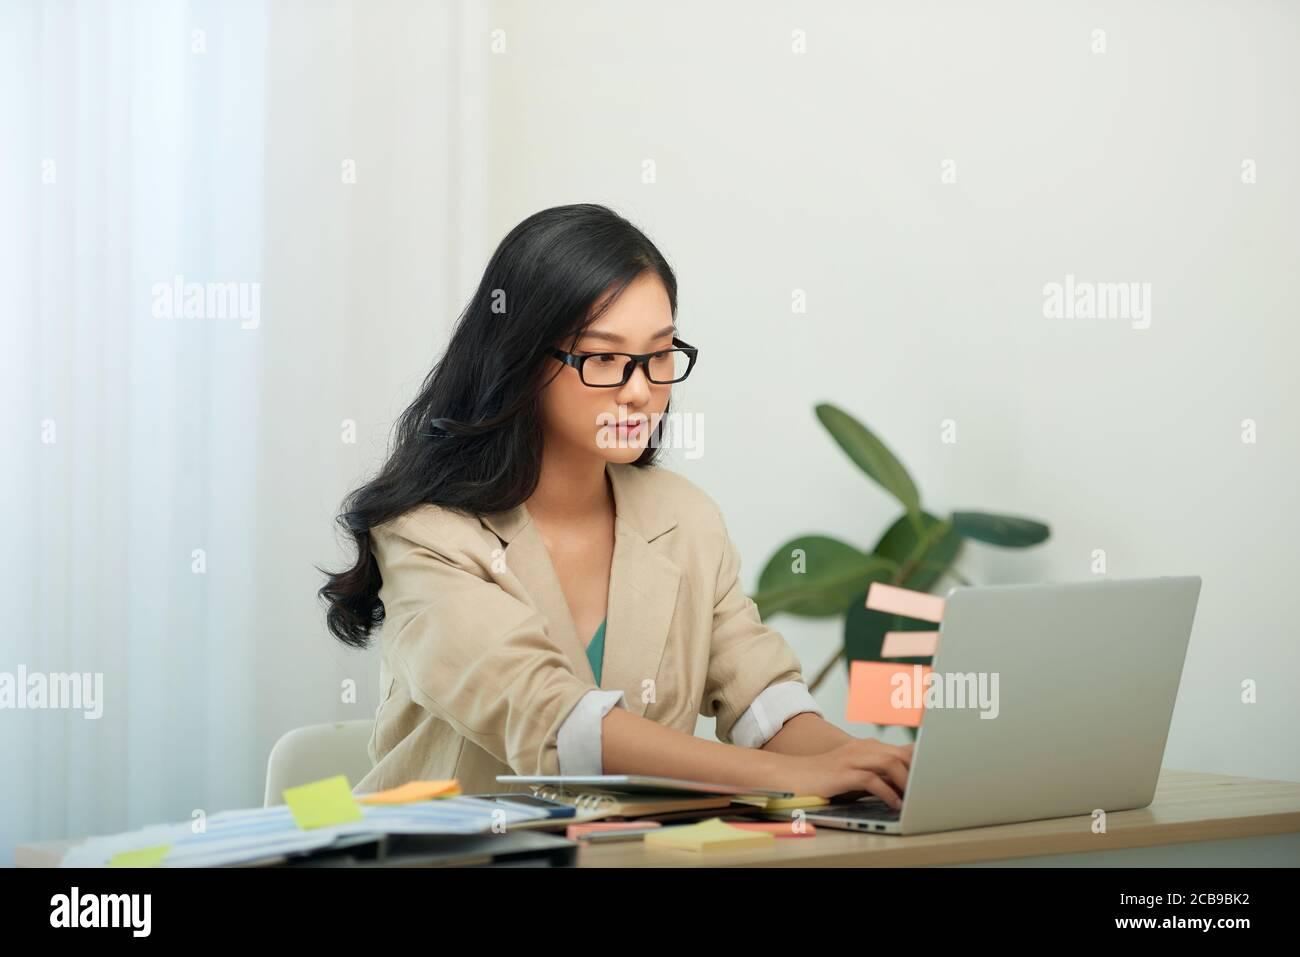 Head shot agradable mujer joven feliz trabajando en la computadora en casa. Foto de stock